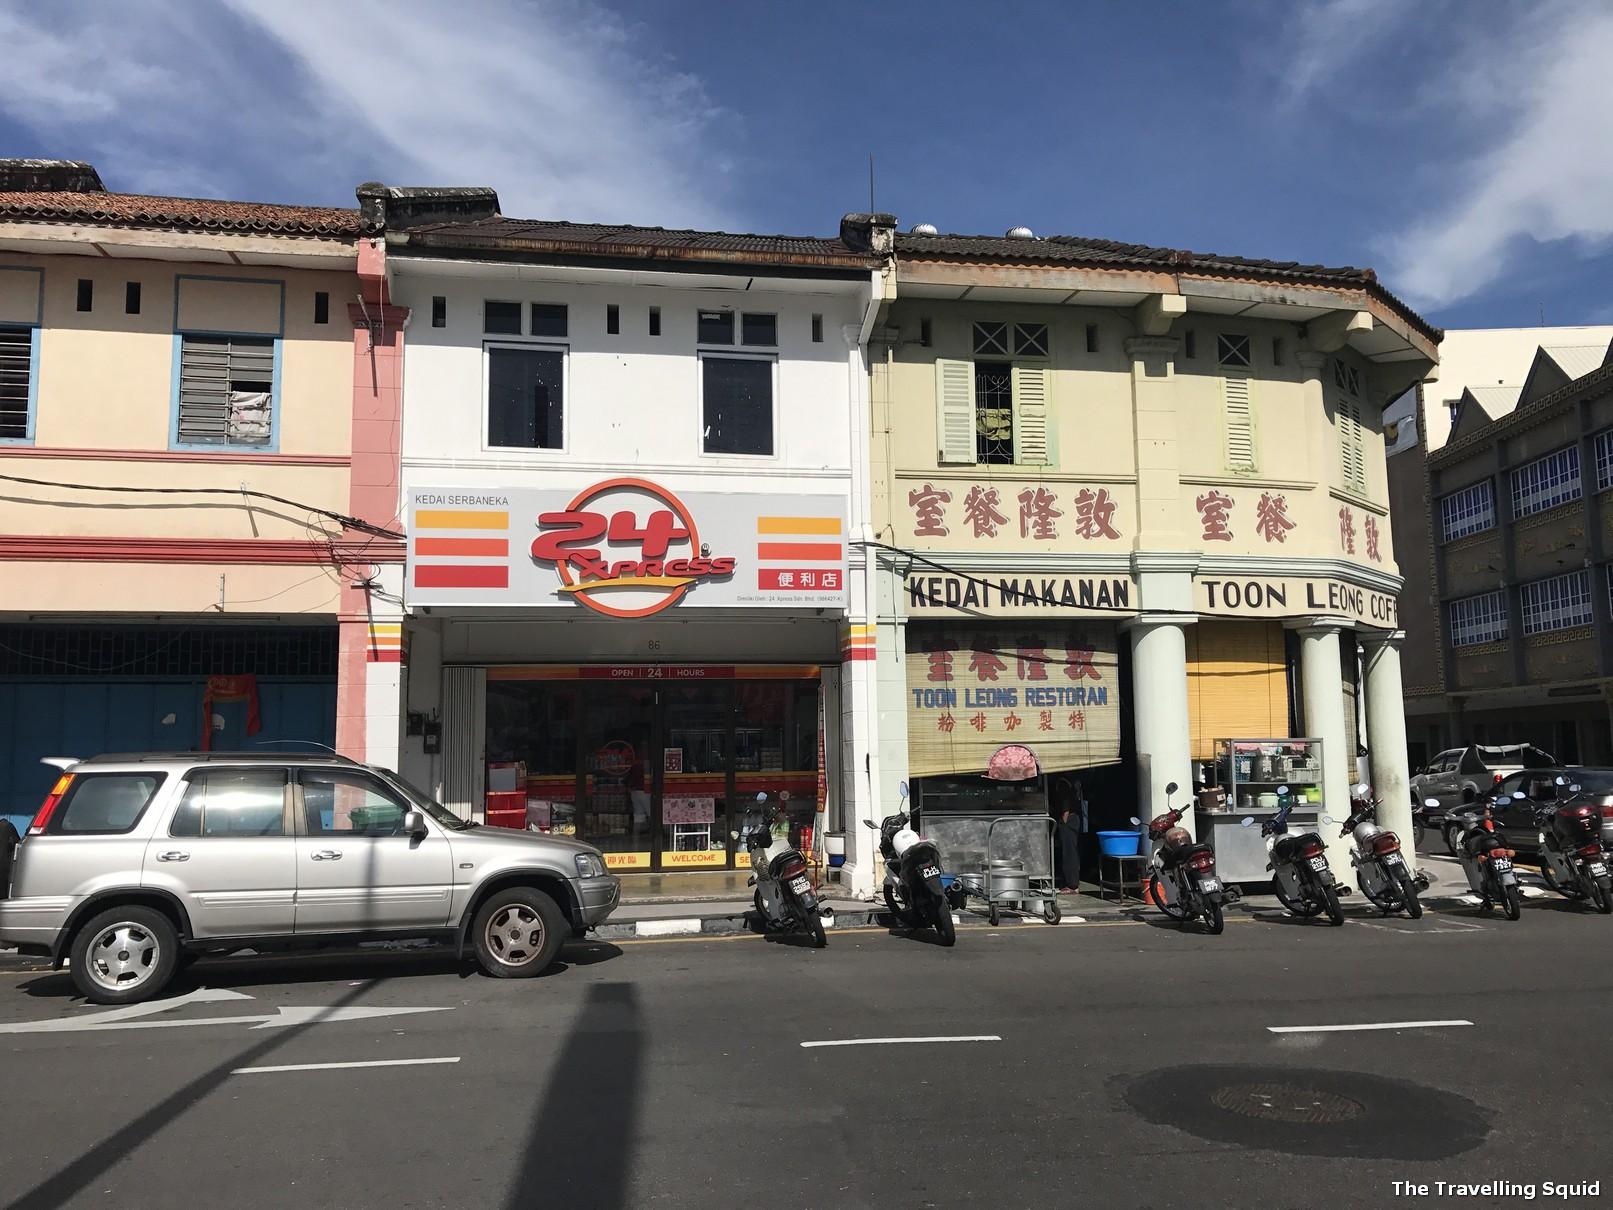 Toon Leong Coffee Shop penang